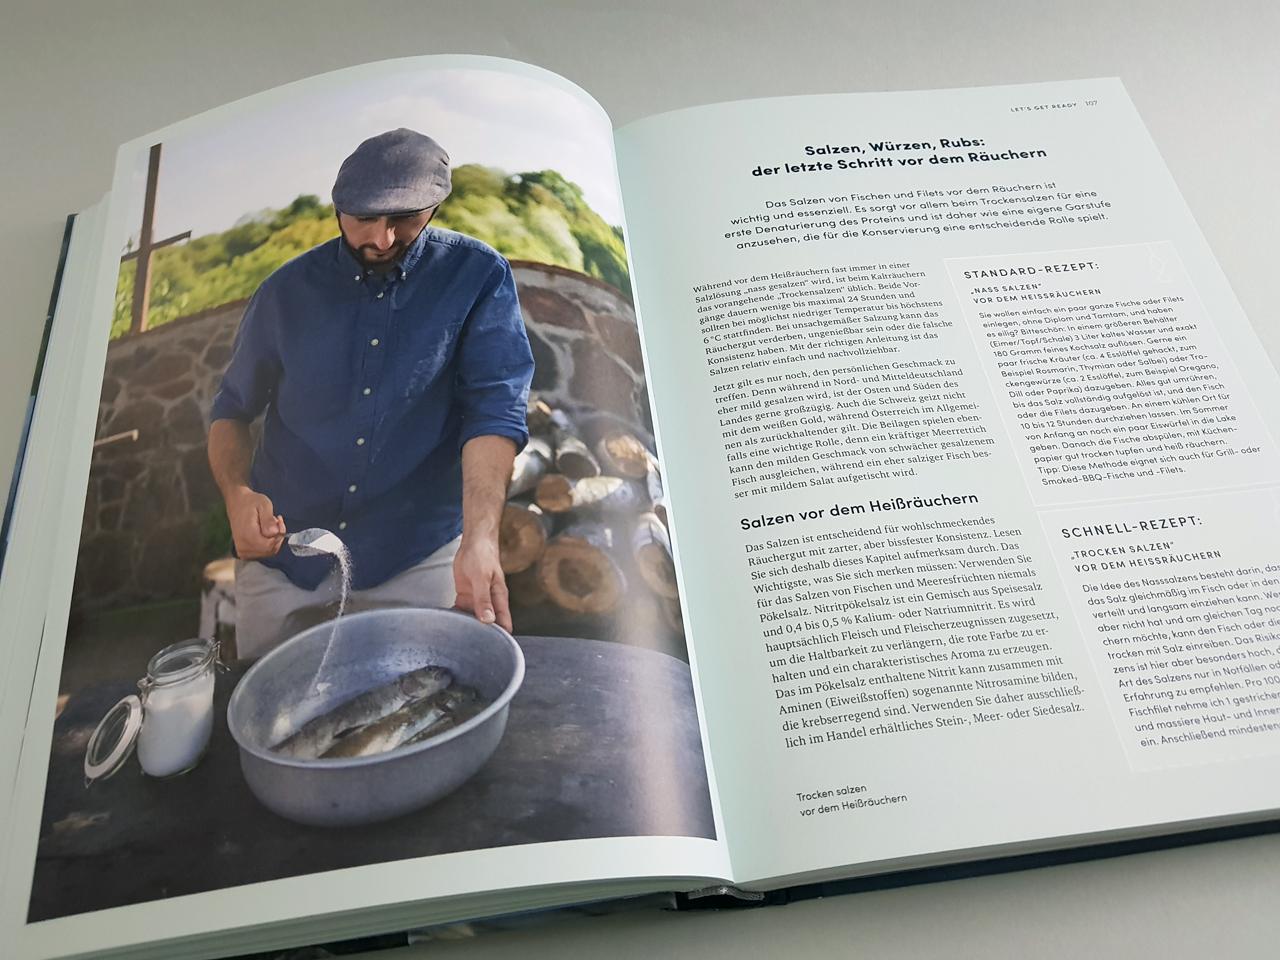 Das Fischräucherbuch Ulmer Verlag aufgeschlagenes Kochbuch